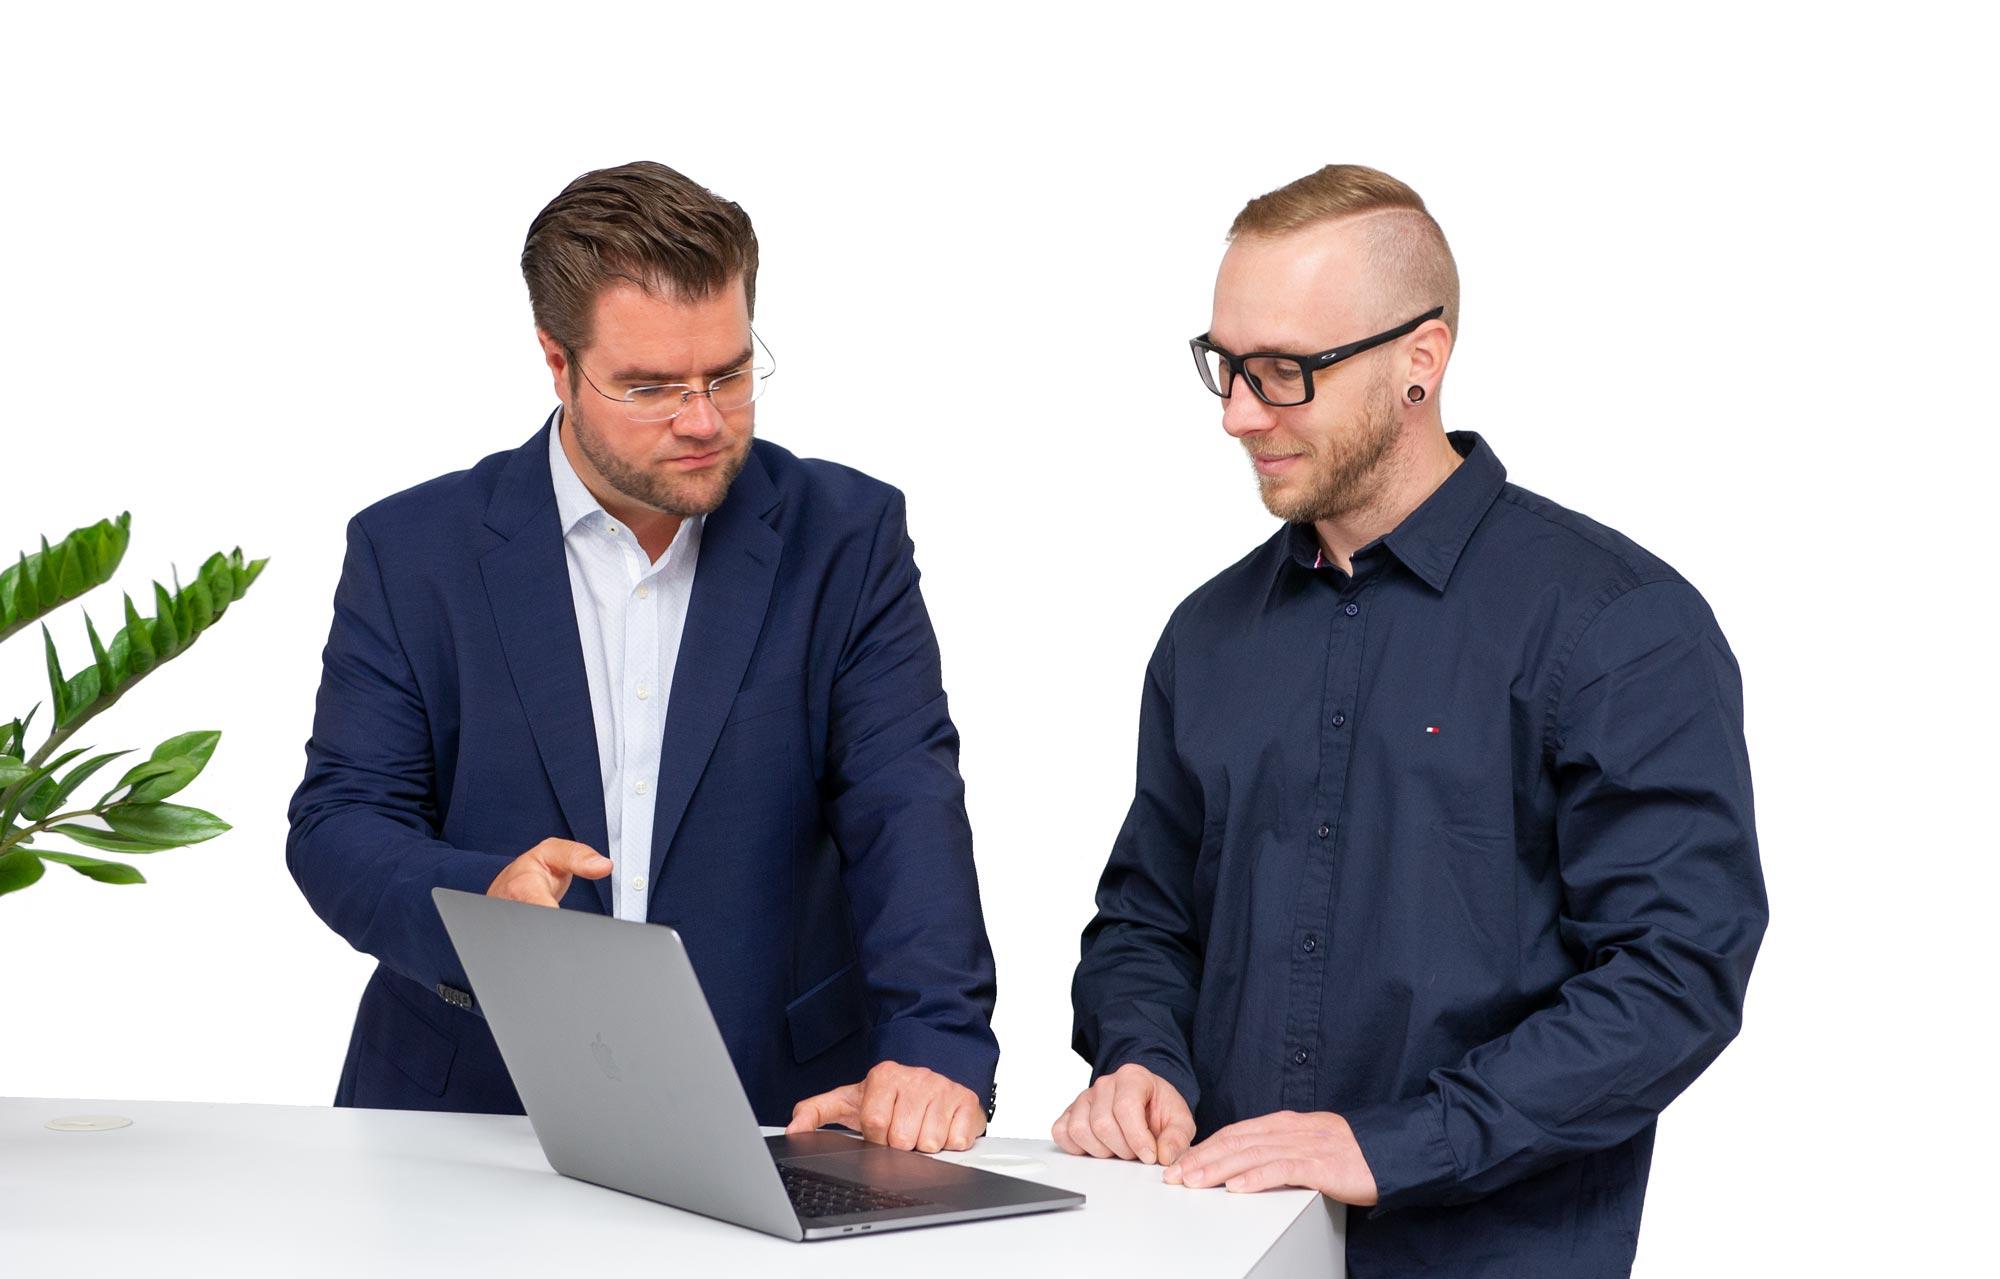 Agenturinhaber Gordon Augustin erklärt Webdesign